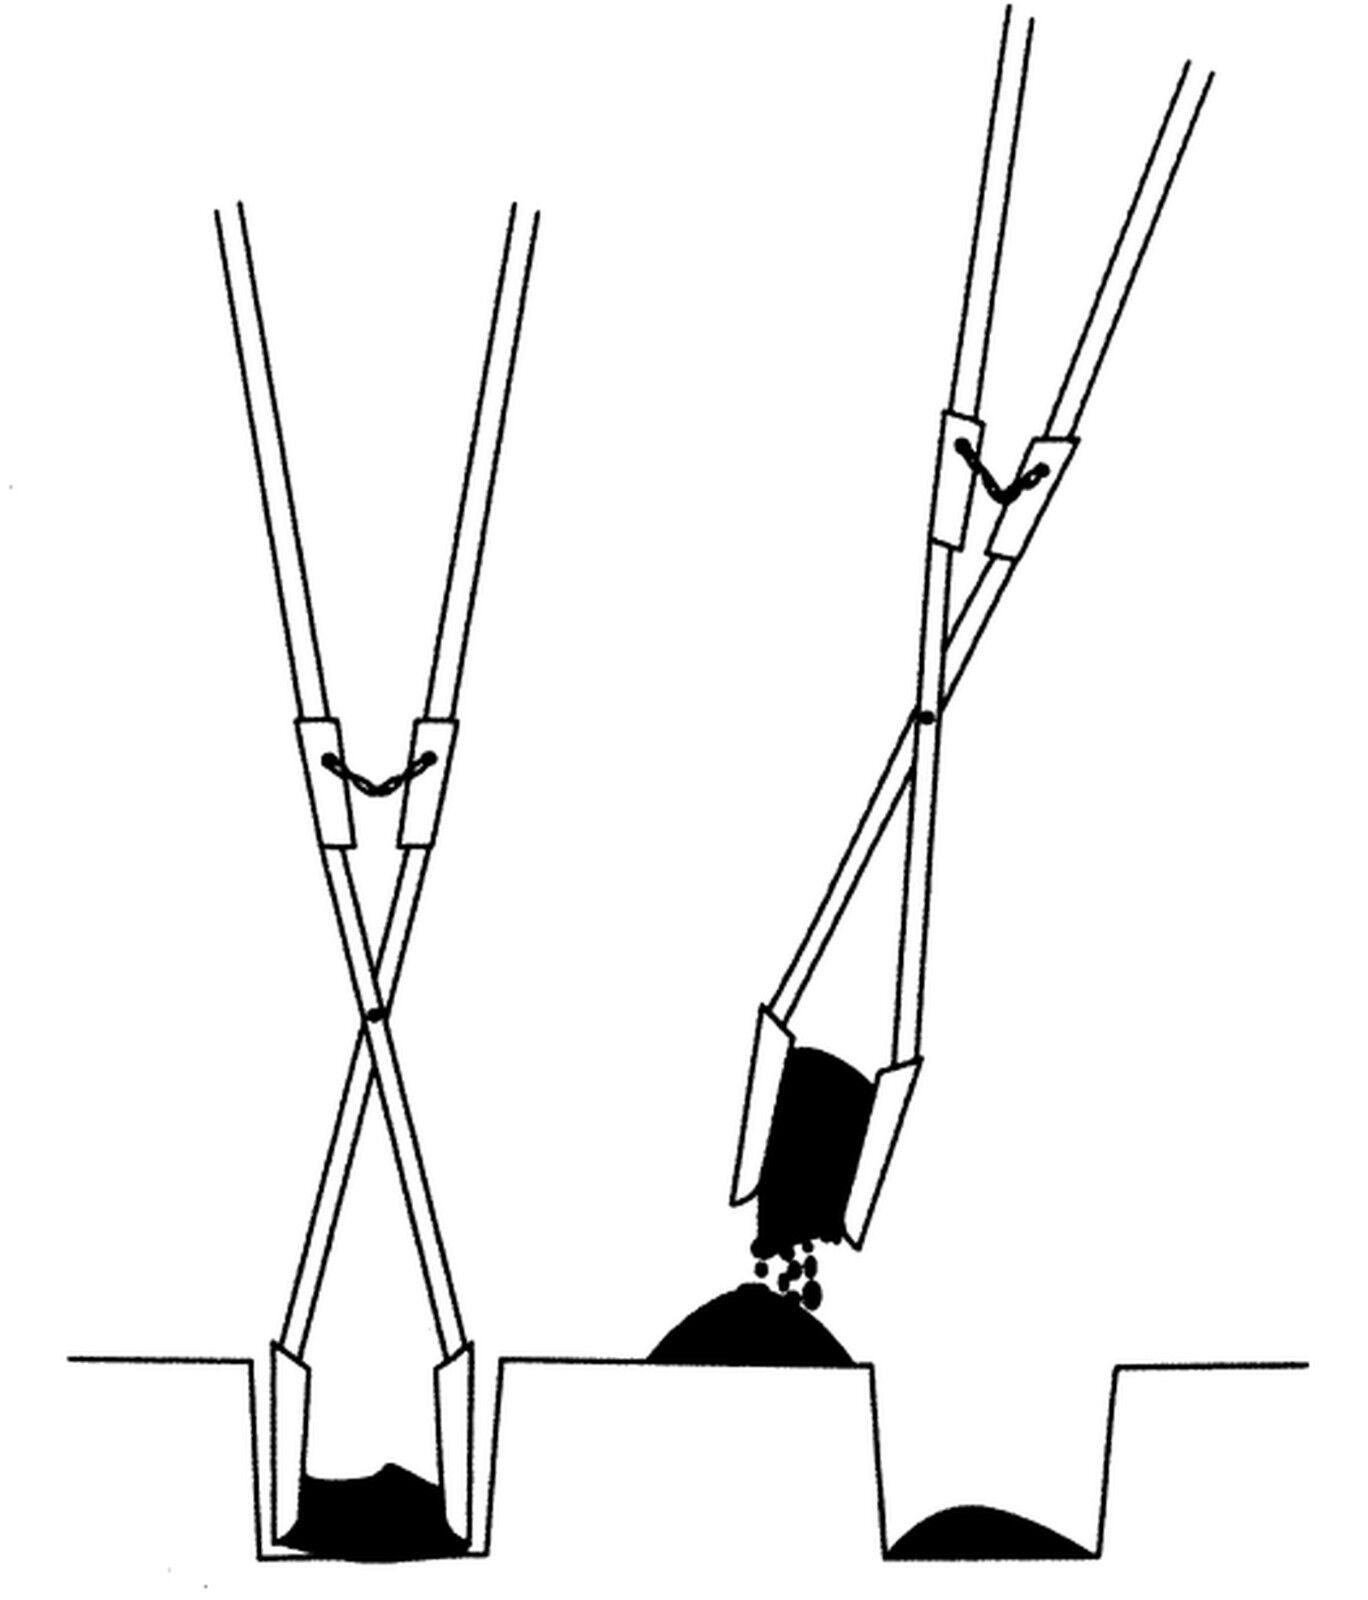 IDEAL Erdlochausheber JUMBO Gr. 2 -  220x190 150mm m. m. m. 2 Eschenstielen 2155538 4aa0dc